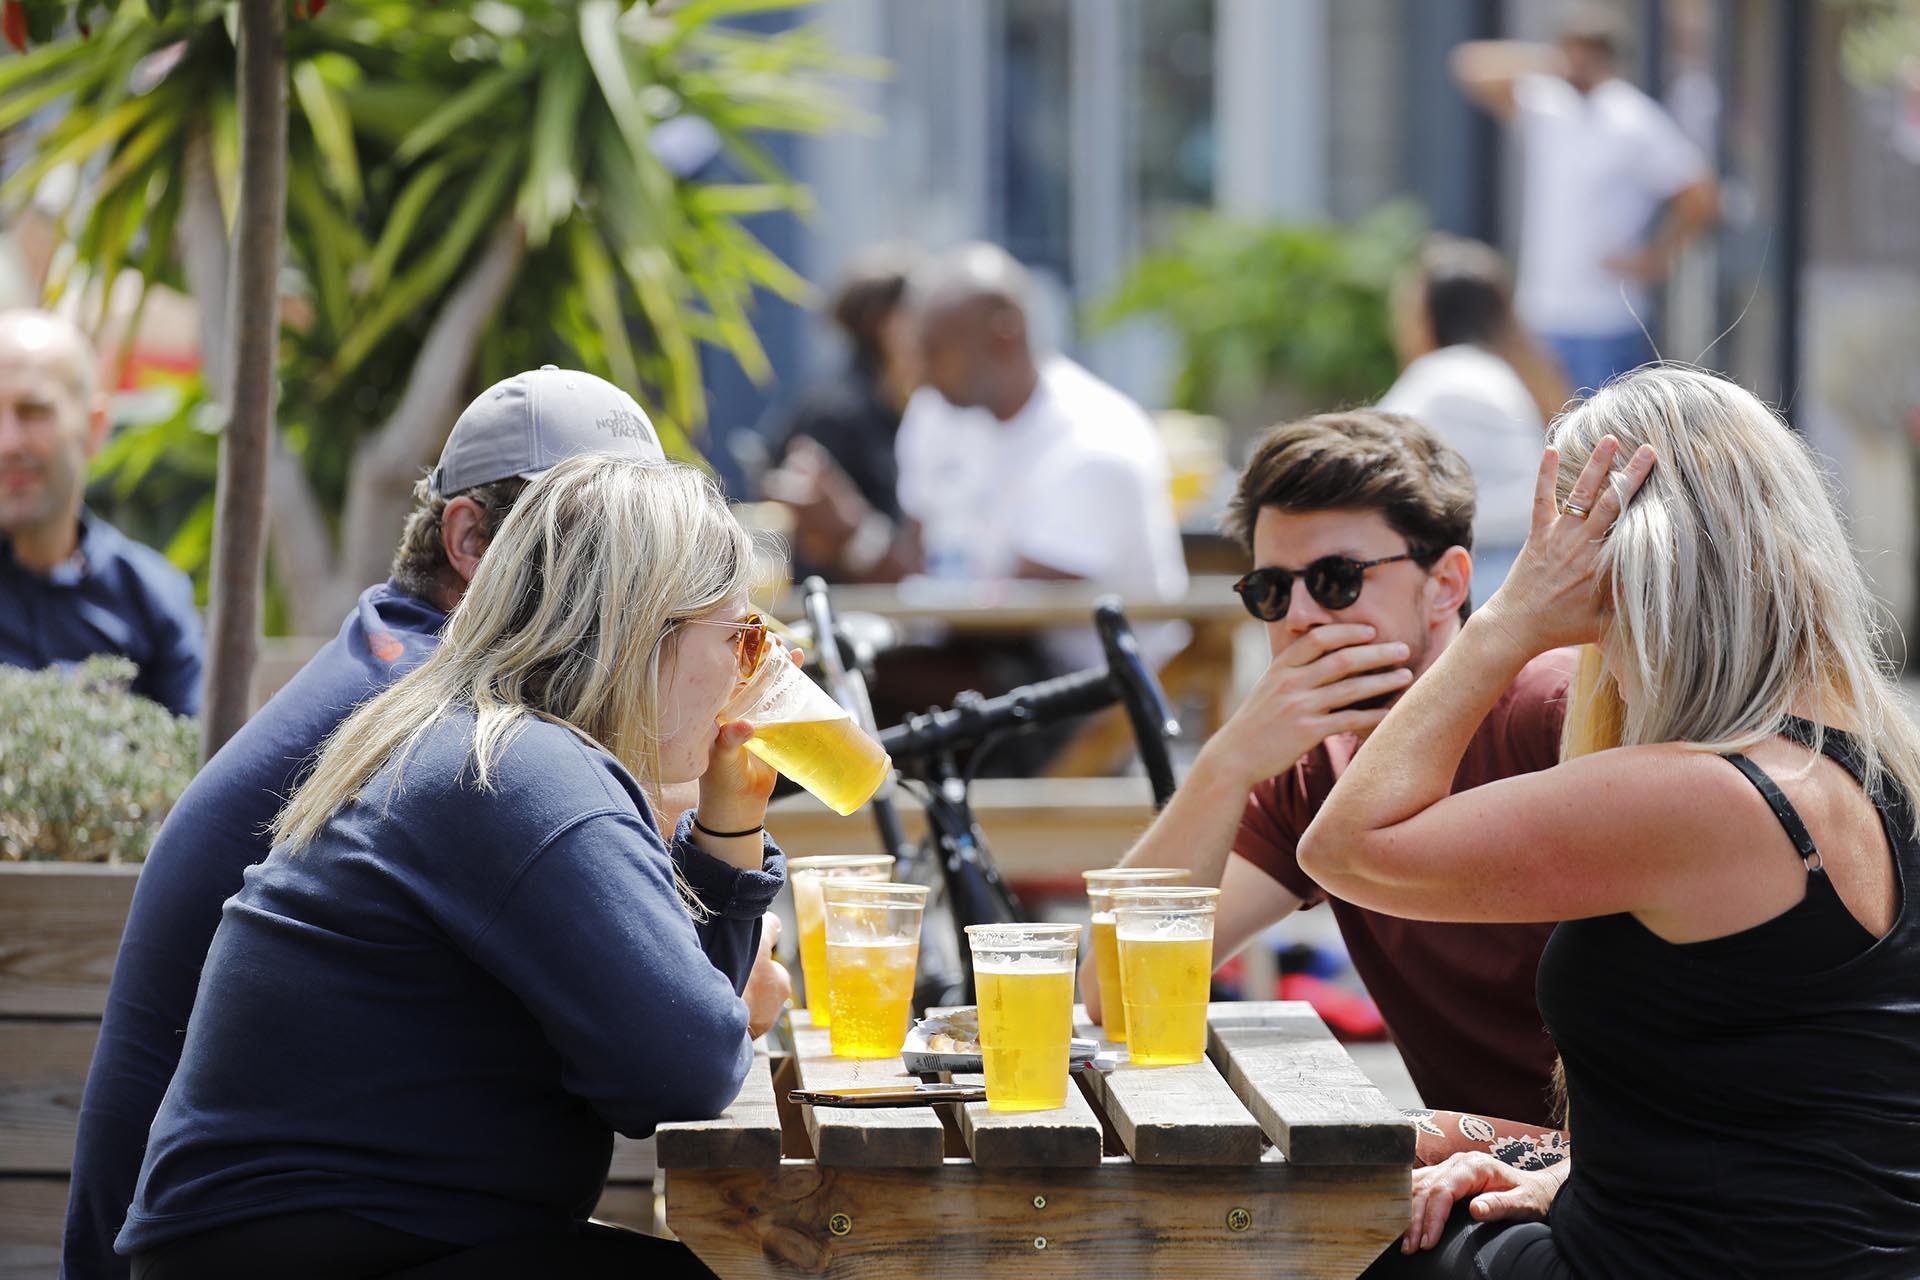 Un grupo de personas en un bar al aire libre (Tolga AKMEN / AFP)